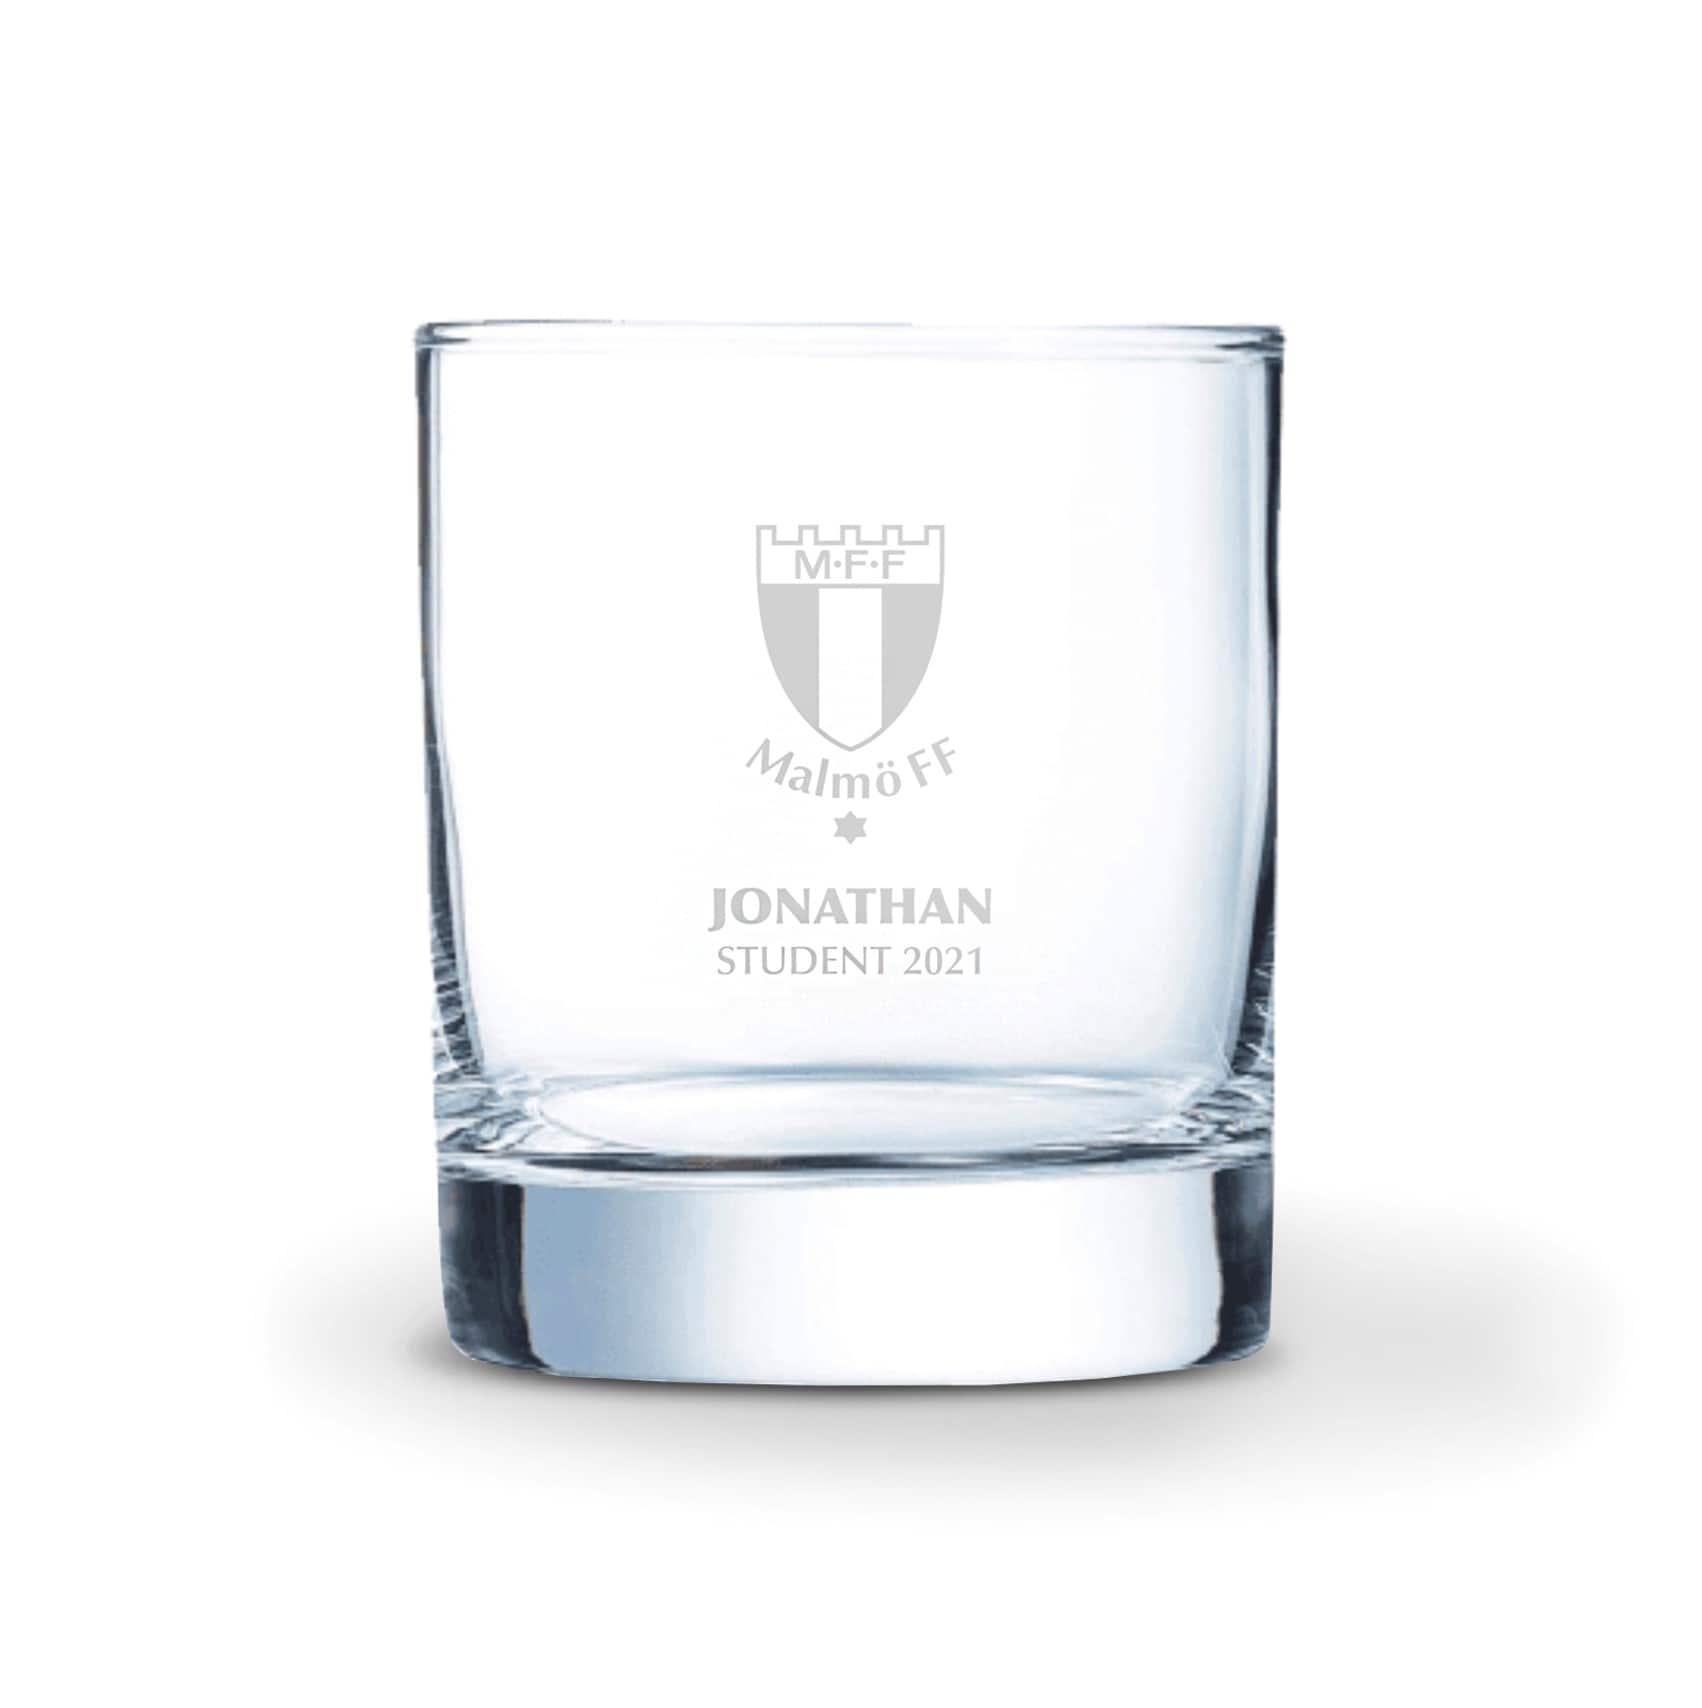 Whiskeyglas student 2021